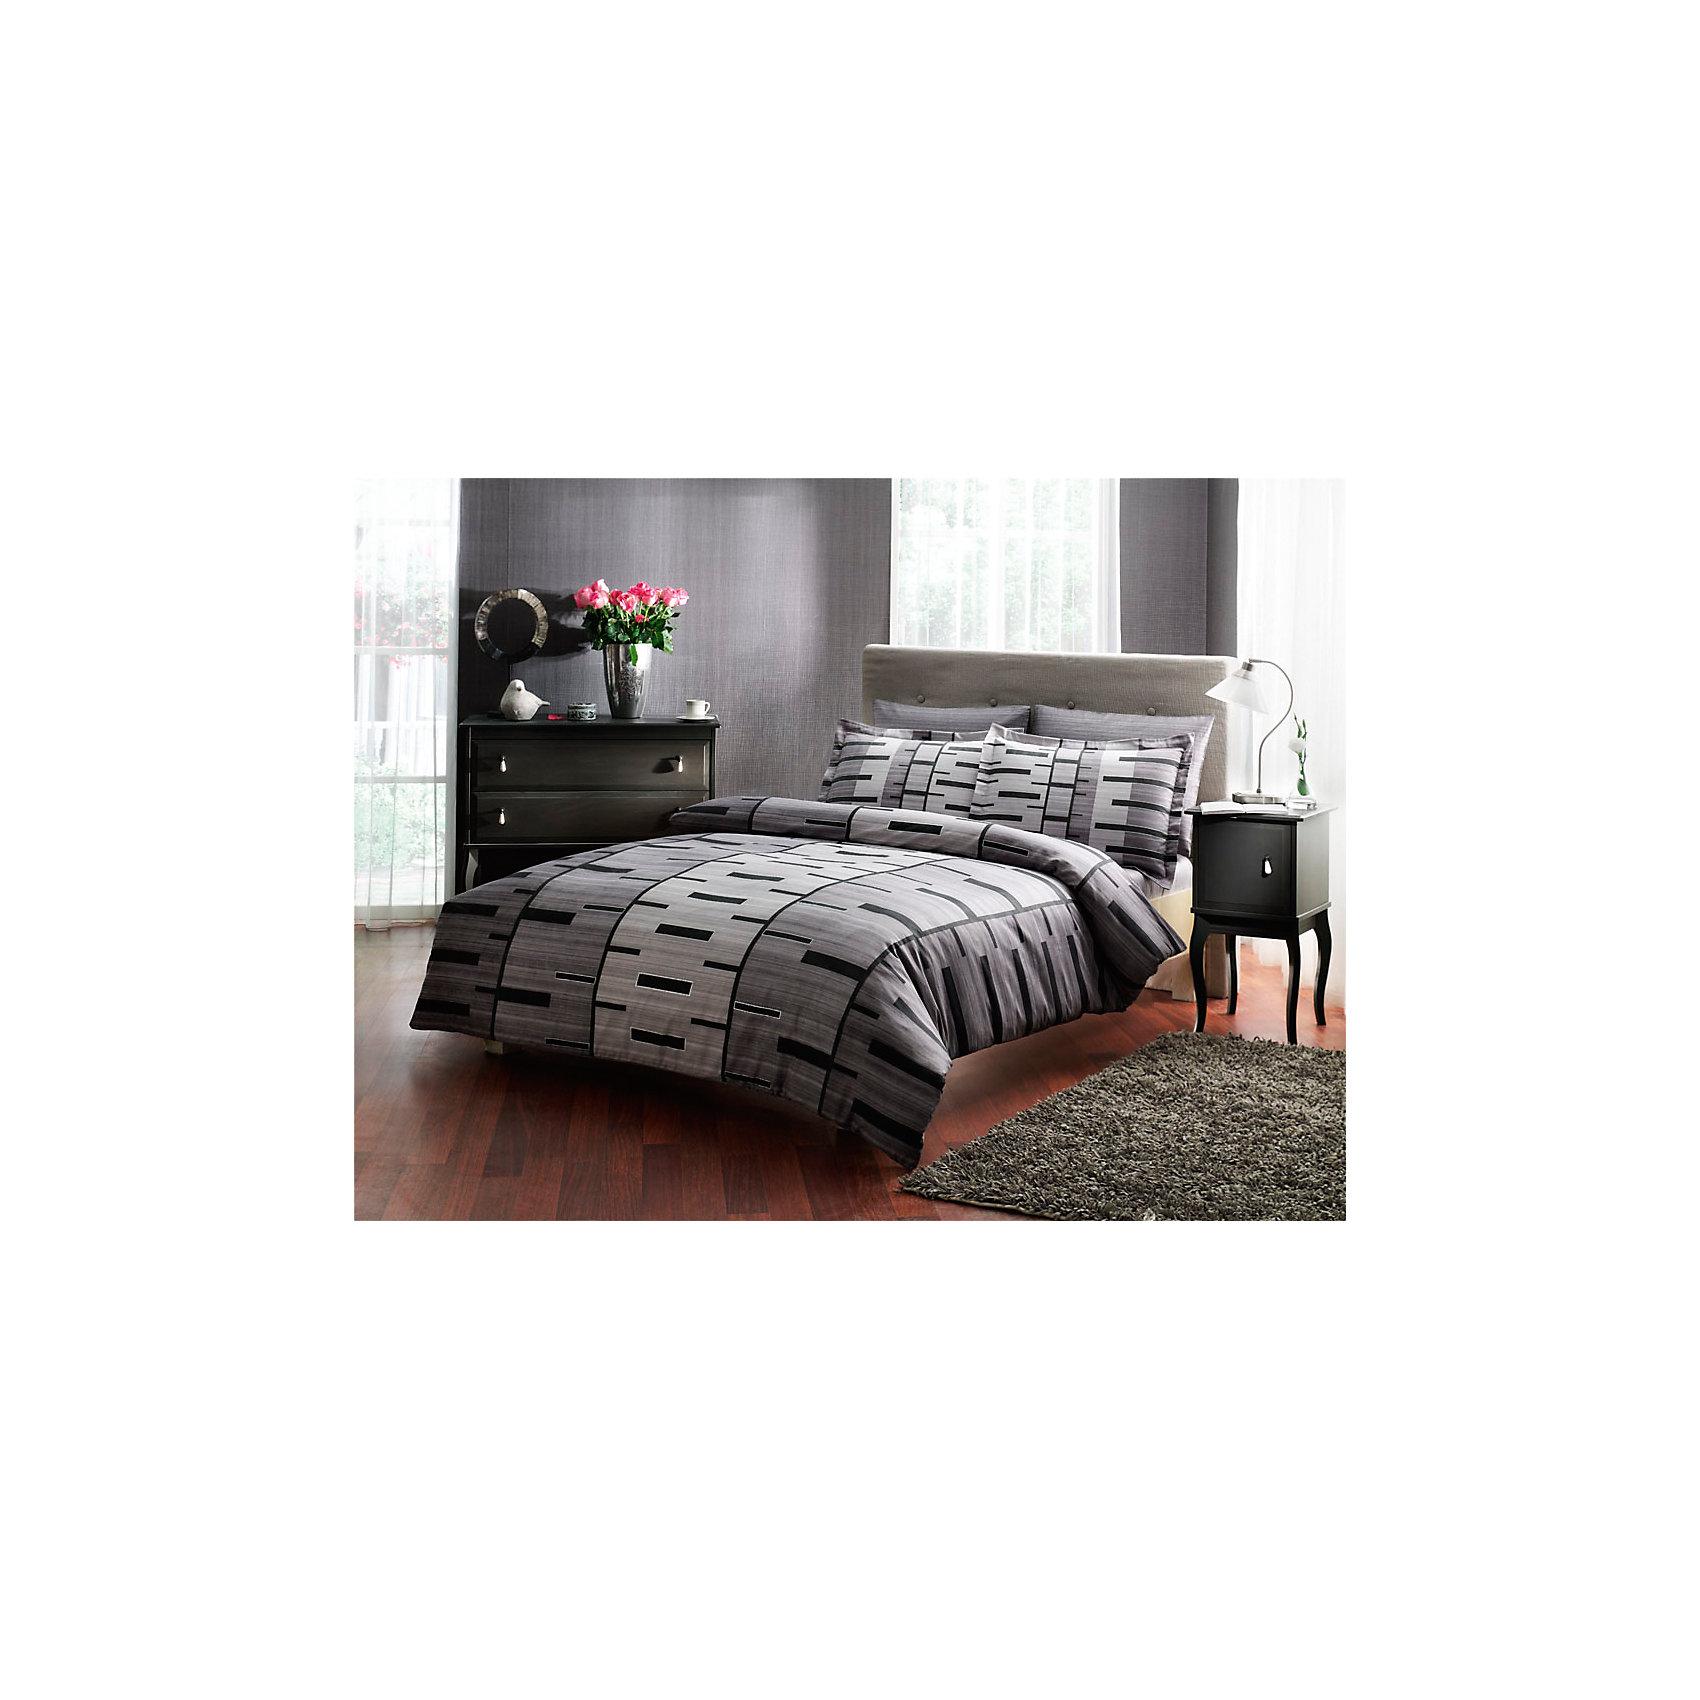 Постельное белье семейный Bronx, сатин, TAC, серыйДомашний текстиль<br>Характеристики товара: <br><br>• комплектация: пододеяльник - 2шт. (160х220см), наволочка - 2шт. (50х70см), простынь (240х260см);<br>• общий размер: семейный;<br>• материал: хлопковый сатин (100% хлопок);<br>• цвет: серый;<br>• страна бренда: Турция;<br>• страна производитель: Турция.<br><br>Это постельное бельё от турецкого бренда TAC (ТАЧ) отлично впишется в интерьер. Несмотря на плотность ткани, она состоит из мельчайших волокон, что придаёт мягкость и воздушность изделию. Все материалы, которые входят в состав этого комплекта, гипоаллергенны и не вызывают неприятных ощущений. <br><br>Благодаря сильно скрученным нитям в плотной ткани материал становится гладким и немного блестящим. Такие материалы не электризуются, а наоборот способствуют улучшению сна и хорошо пропускают воздух. <br><br>Такой комплект можно смело стирать, сатин хорошо сохраняет яркость красок, даже после частых стирок рисунок не выцветает и не покрывается катышками. Рекомендуется стирать обычным порошком. <br><br>Постельное белье Bronx (Бронкс) можно купить в нашем интернет-магазине.<br><br>Ширина мм: 270<br>Глубина мм: 80<br>Высота мм: 370<br>Вес г: 3500<br>Возраст от месяцев: 216<br>Возраст до месяцев: 1188<br>Пол: Унисекс<br>Возраст: Детский<br>SKU: 6861928